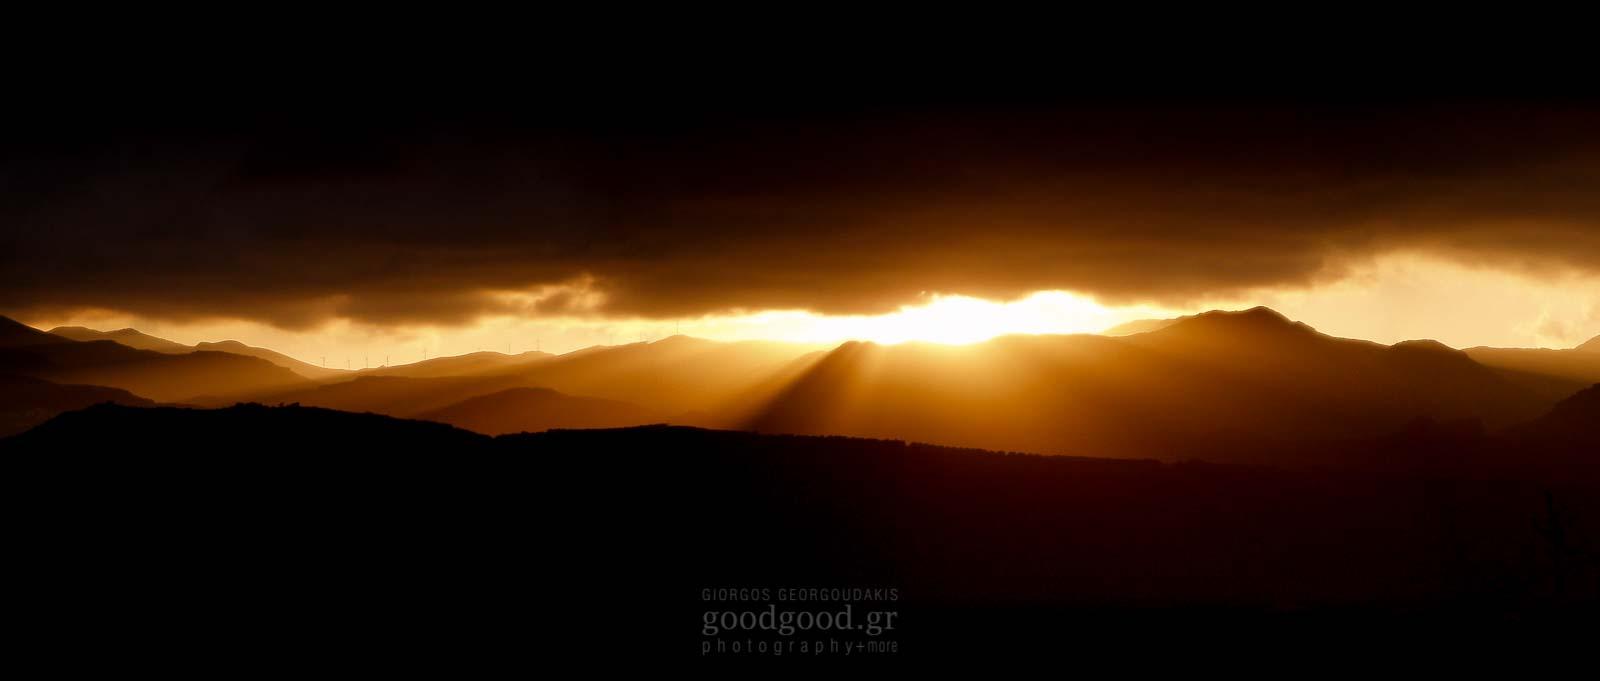 Ηλιοβασίλεμα ανάμεσα απο τις βουνοκορφές